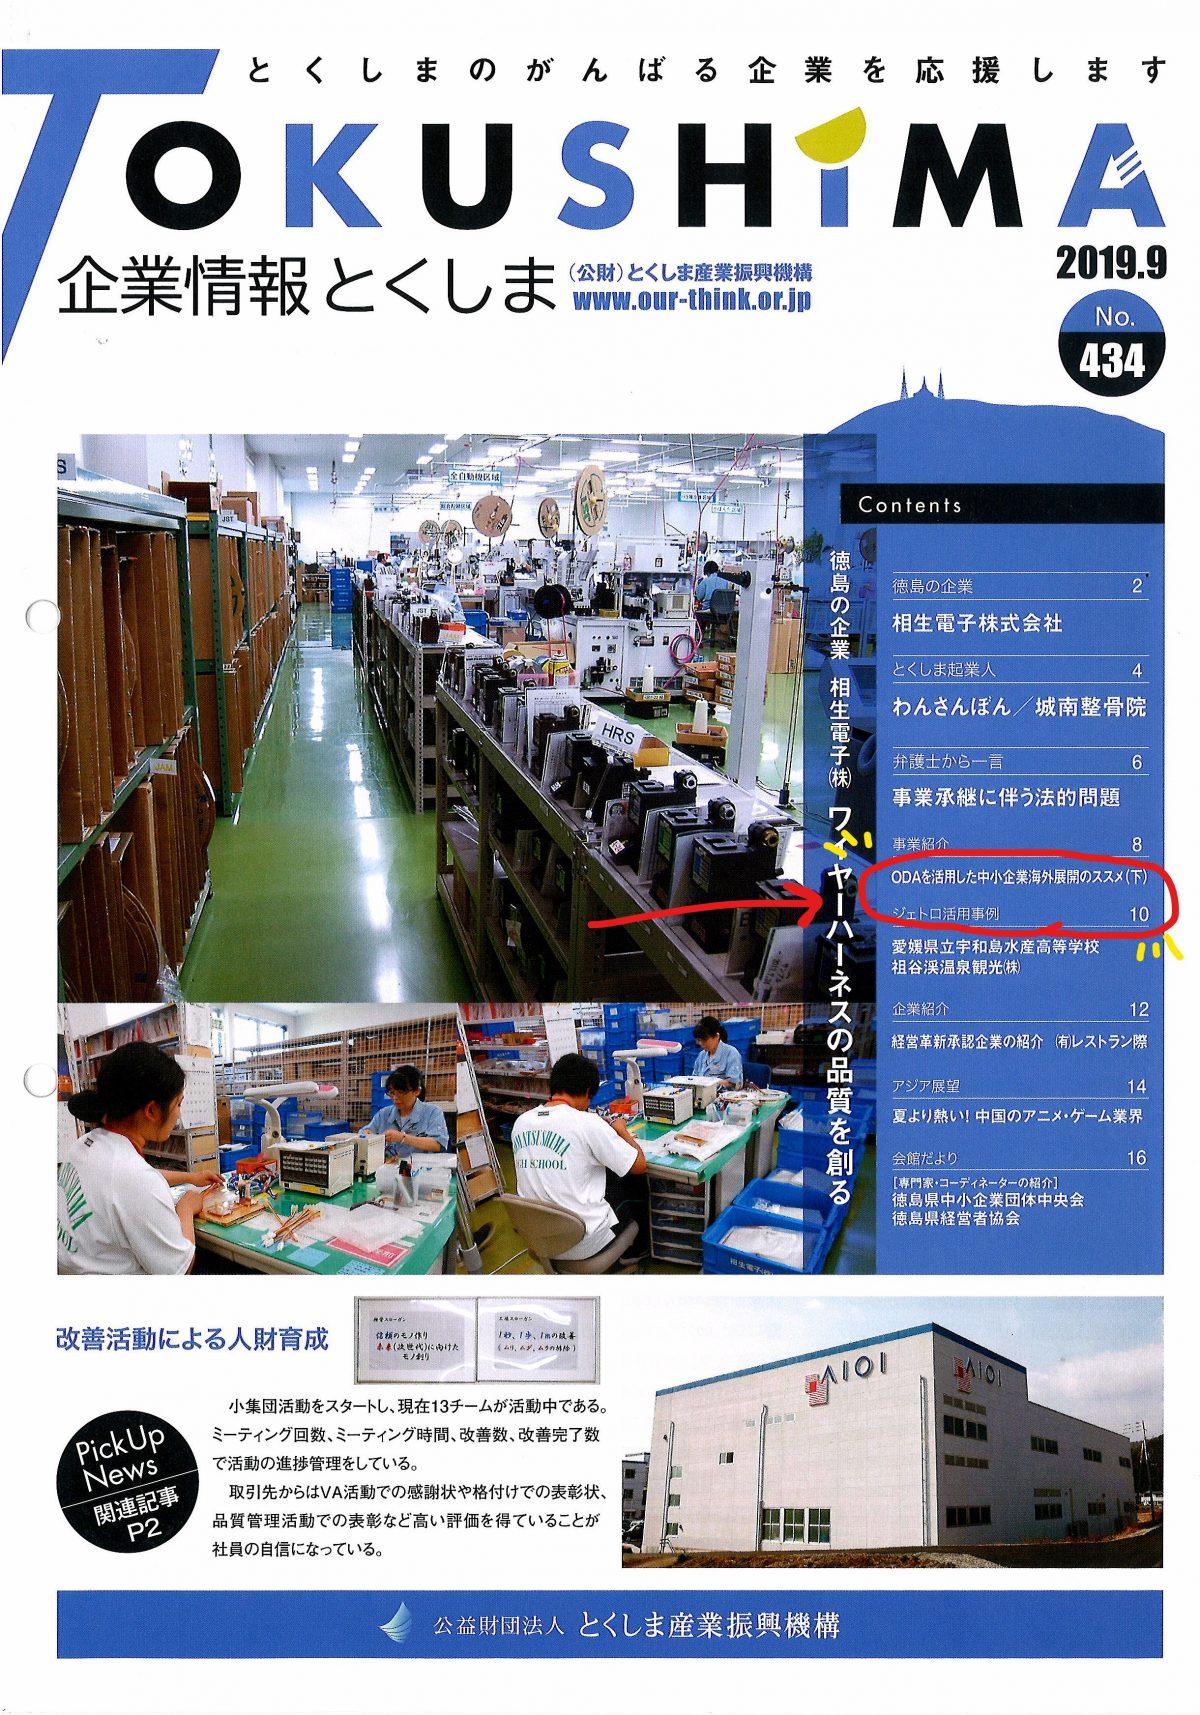 「企業情報とくしま」に小水力発電の記事が掲載されました